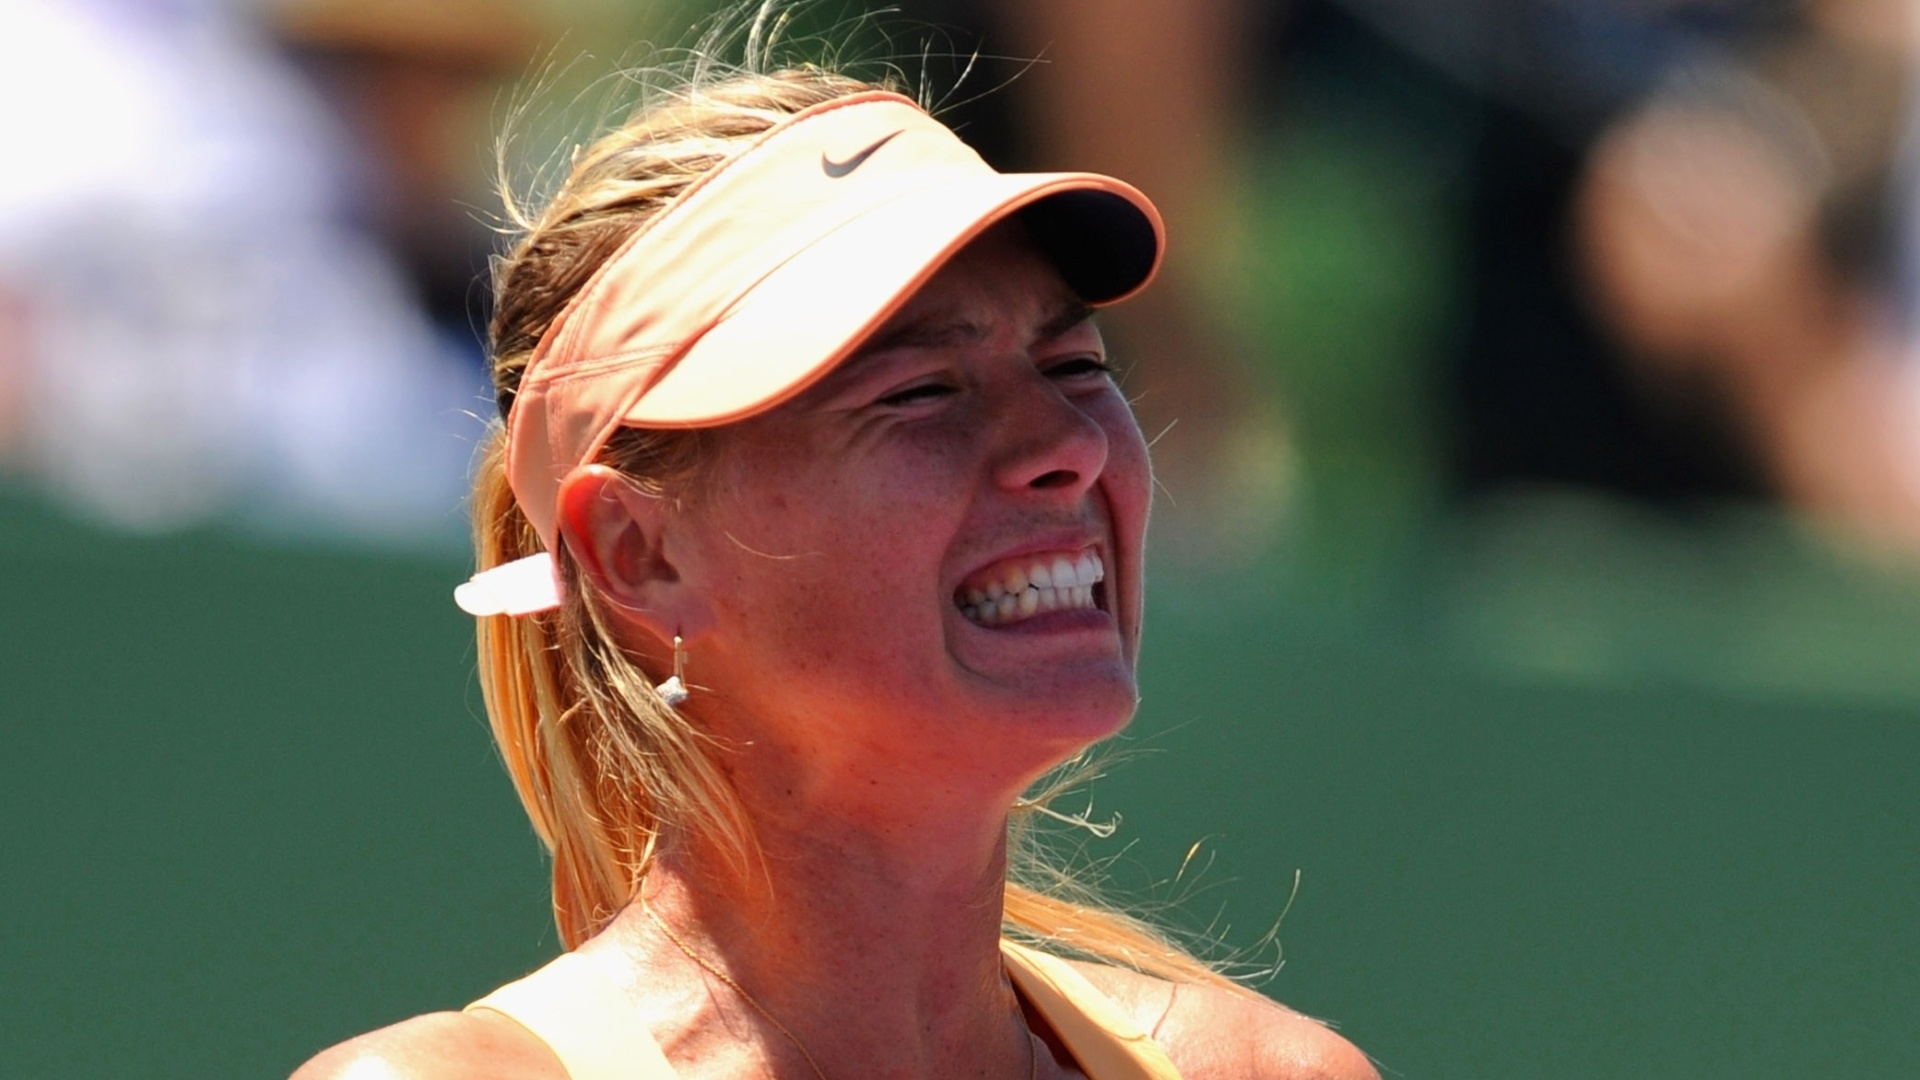 Maria Sharapova comemora após vencer Ekaterina Makarova por 2 sets a 0 e se garantir nas quartas em Miami